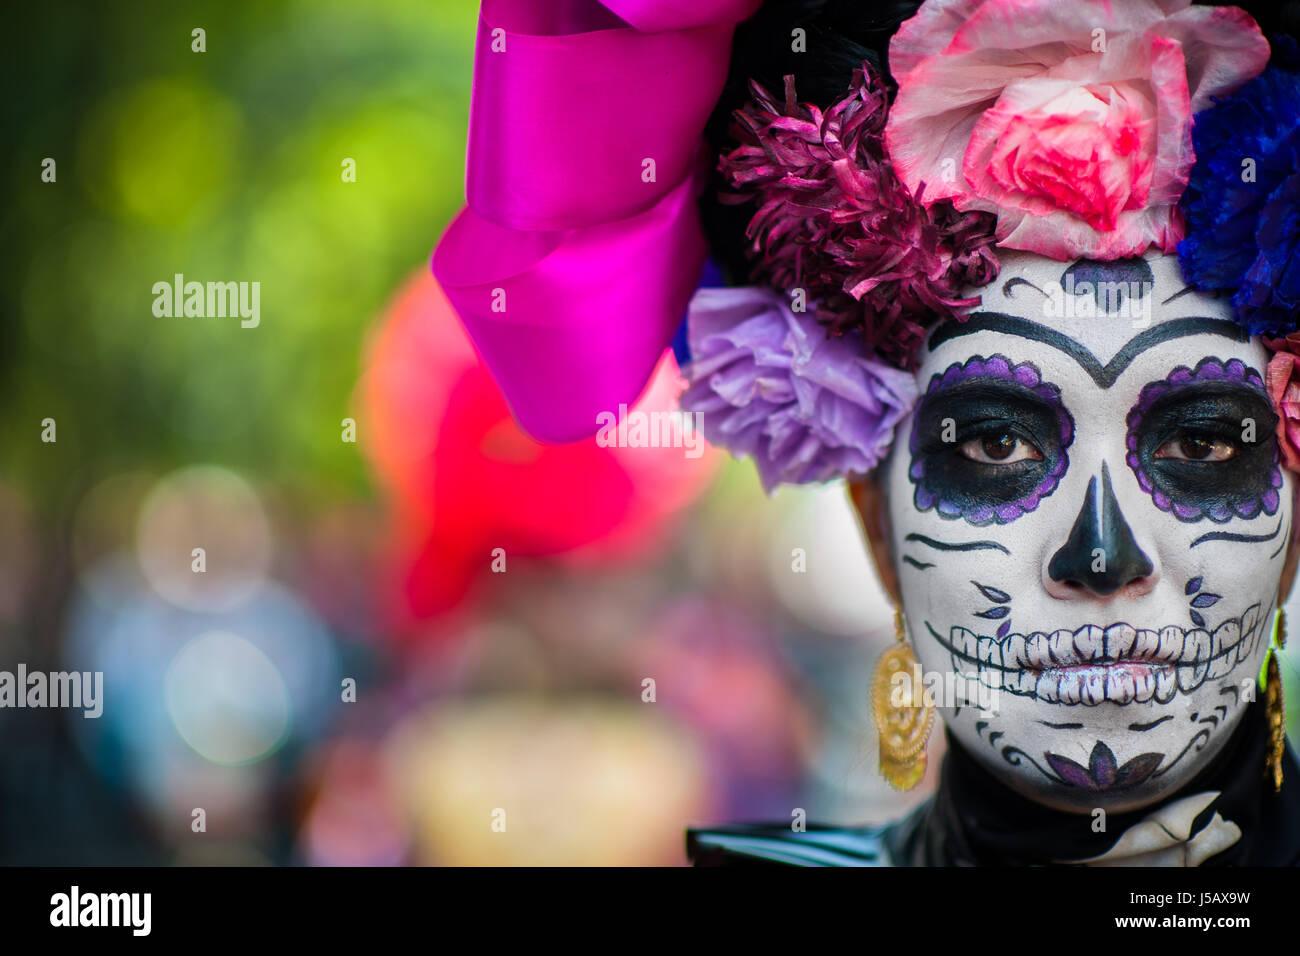 Une jeune femme, habillée comme La Catrina, prend part à la Journée des morts célébrations Photo Stock